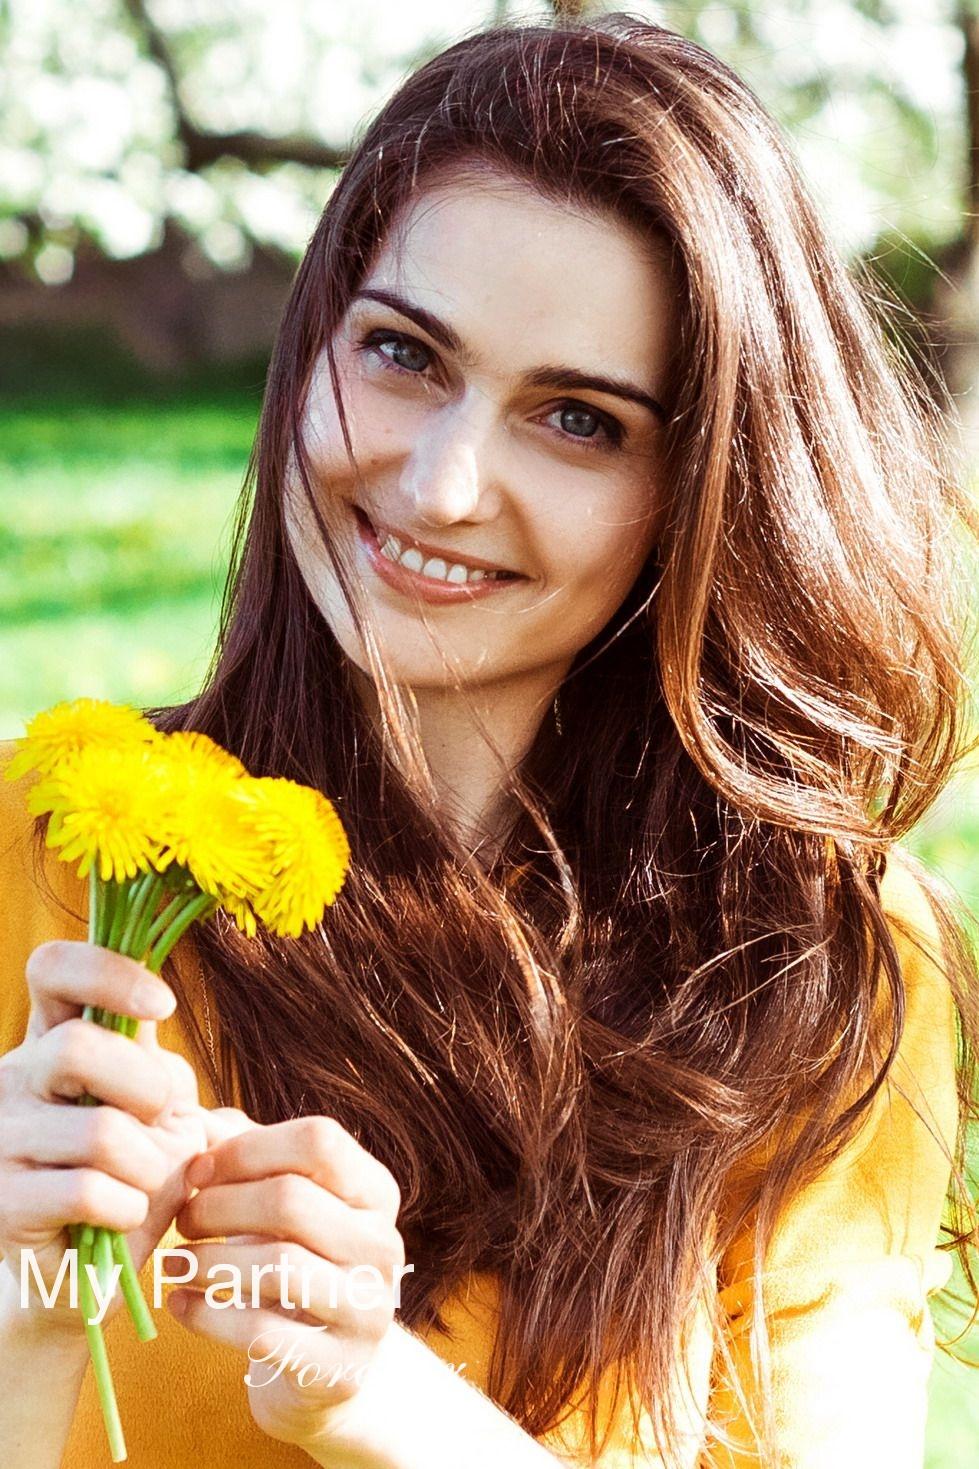 Belarusian Girl Seeking Marriage - Oksana from Grodno, Belarus